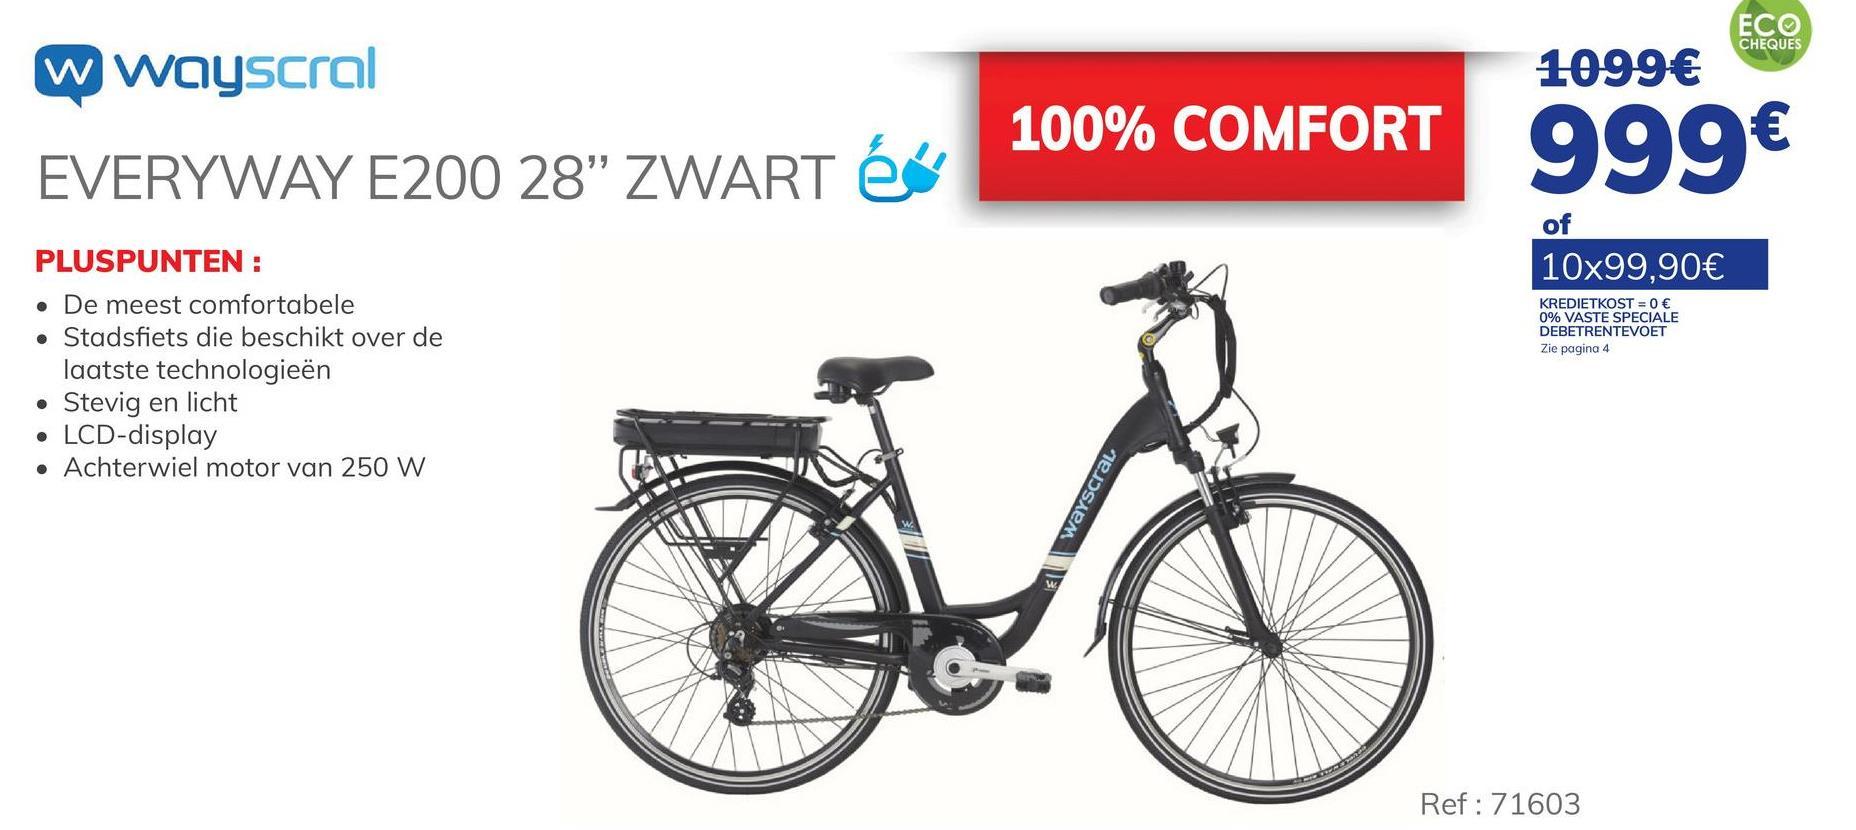 """Elektrische Fiets Wayscral Everyway E200 28 Zwart (batterij Inbegrepen)"""" De WAYSCRAL Everyway E200 24 elektrische fiets van WAYSCRAL is een stadsfiets die is uitgerust met de nieuwste technologieën en staat dus dag in dag uit garant voor goede prestaties en betrouwbaarheid. Het is de meest comfortabele fiets in het gamma. Het rendement van deze fiets is hoger in de stad, en de 28'' versie is geschikt voor grote personen. Deze stadsfiets heeft achteraan een motor van 250 W en een lithiumbatterij van SAMSUNG 36 V 13 Ah waarmee je snelheden tot 60 à 80 km/u kunt behalen. De assistentie helpt u tot 25 km/u. Het duurt 5 à 6 uur om de batterij op te laden. De Everyway E200 heeft een kettingkast die de ketting vrij houdt van vuil en stof, en ook het lawaai van de ketting dempt. Hij beschikt ook over een verstelbare stuurpen, een opgehangen telescopische vork voor een beter rijcomfort. Deze fiets heeft een externe transmissie """"Shimano Altus"""" met 7 versnellingen. De fiets is stevig en licht dankzij het aluminium frame. Het remsysteem bestaat uit een mechanische schijfrem. Met zijn LCD-display kunt u 6 zaken in het oog houden en regelen: de snelheid, het batterijniveau van de fiets, het batterijniveau van de smartphone, of u kunt er een GPS aan koppelen via de USB-aansluiting. Deze fiets is ideaal om te fietsen in heuvelachtig landschap of om zonder moeite zaken te vervoeren (babydrager, bagage, etc. ...). De oplader wordt met de fiets geleverd."""". - De meest comfortabele. - Stadsfiets die beschikt over de laatste technologieën. - Achterwiel motor van 250 W. - Stevig en licht. - LCD-display. - Lithiumbatterij van SAMSUNG 36 V 13 Ah. Ontdek de premies bij het kopen van een elektrische fiets. Klik hier >"""""""